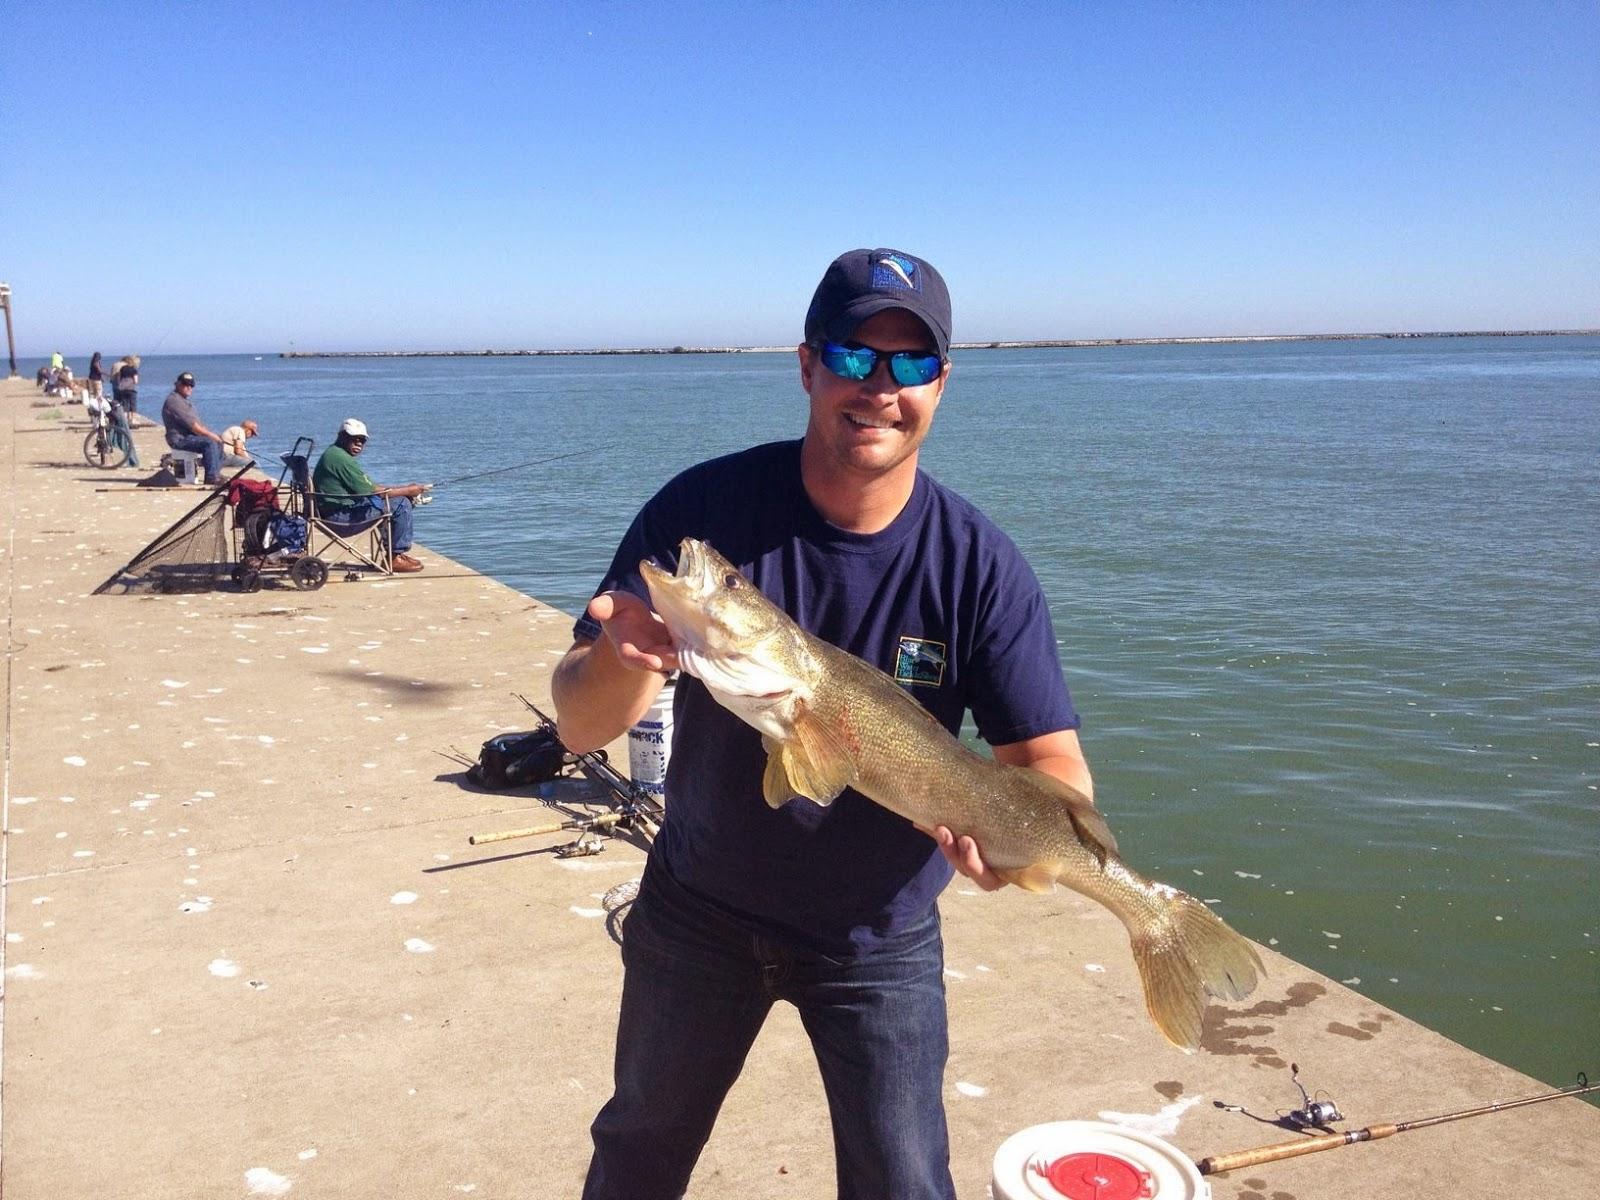 Lake metroparks fishing report still waiting for steelhead for Fishing report lake erie